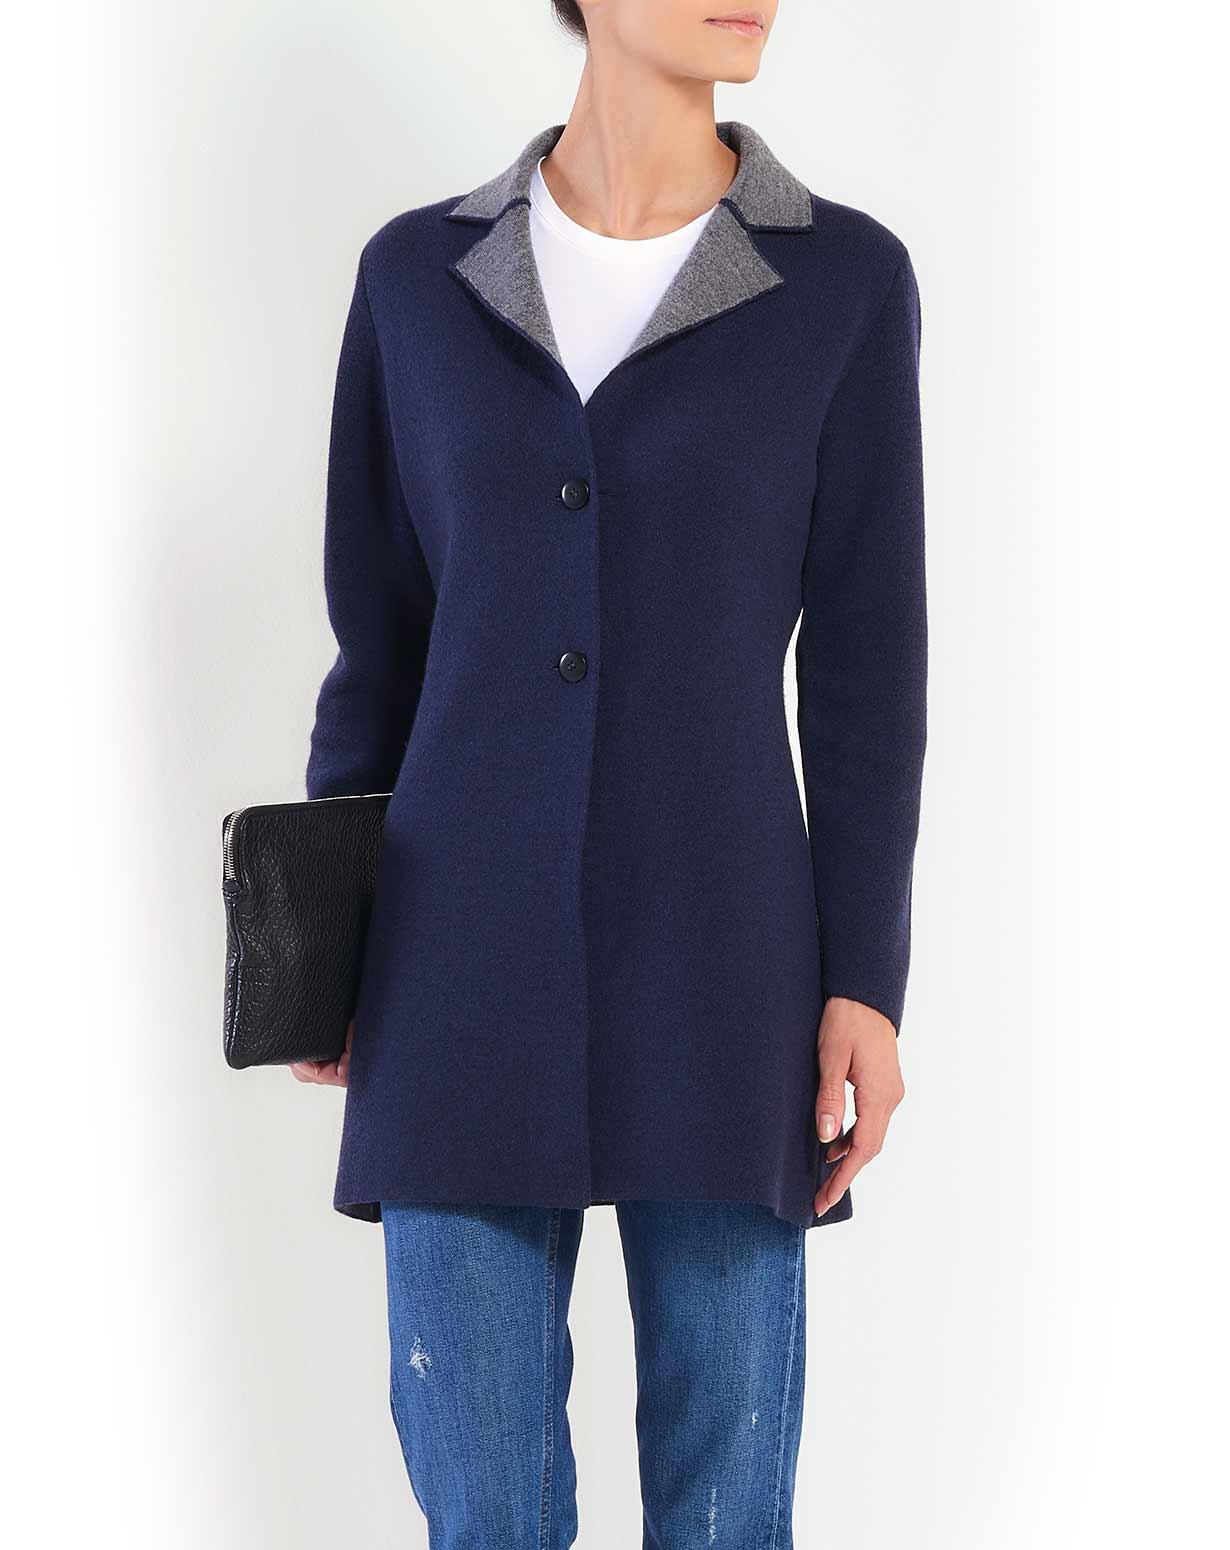 Ladies' Reversible Merino & Cashmere Coat